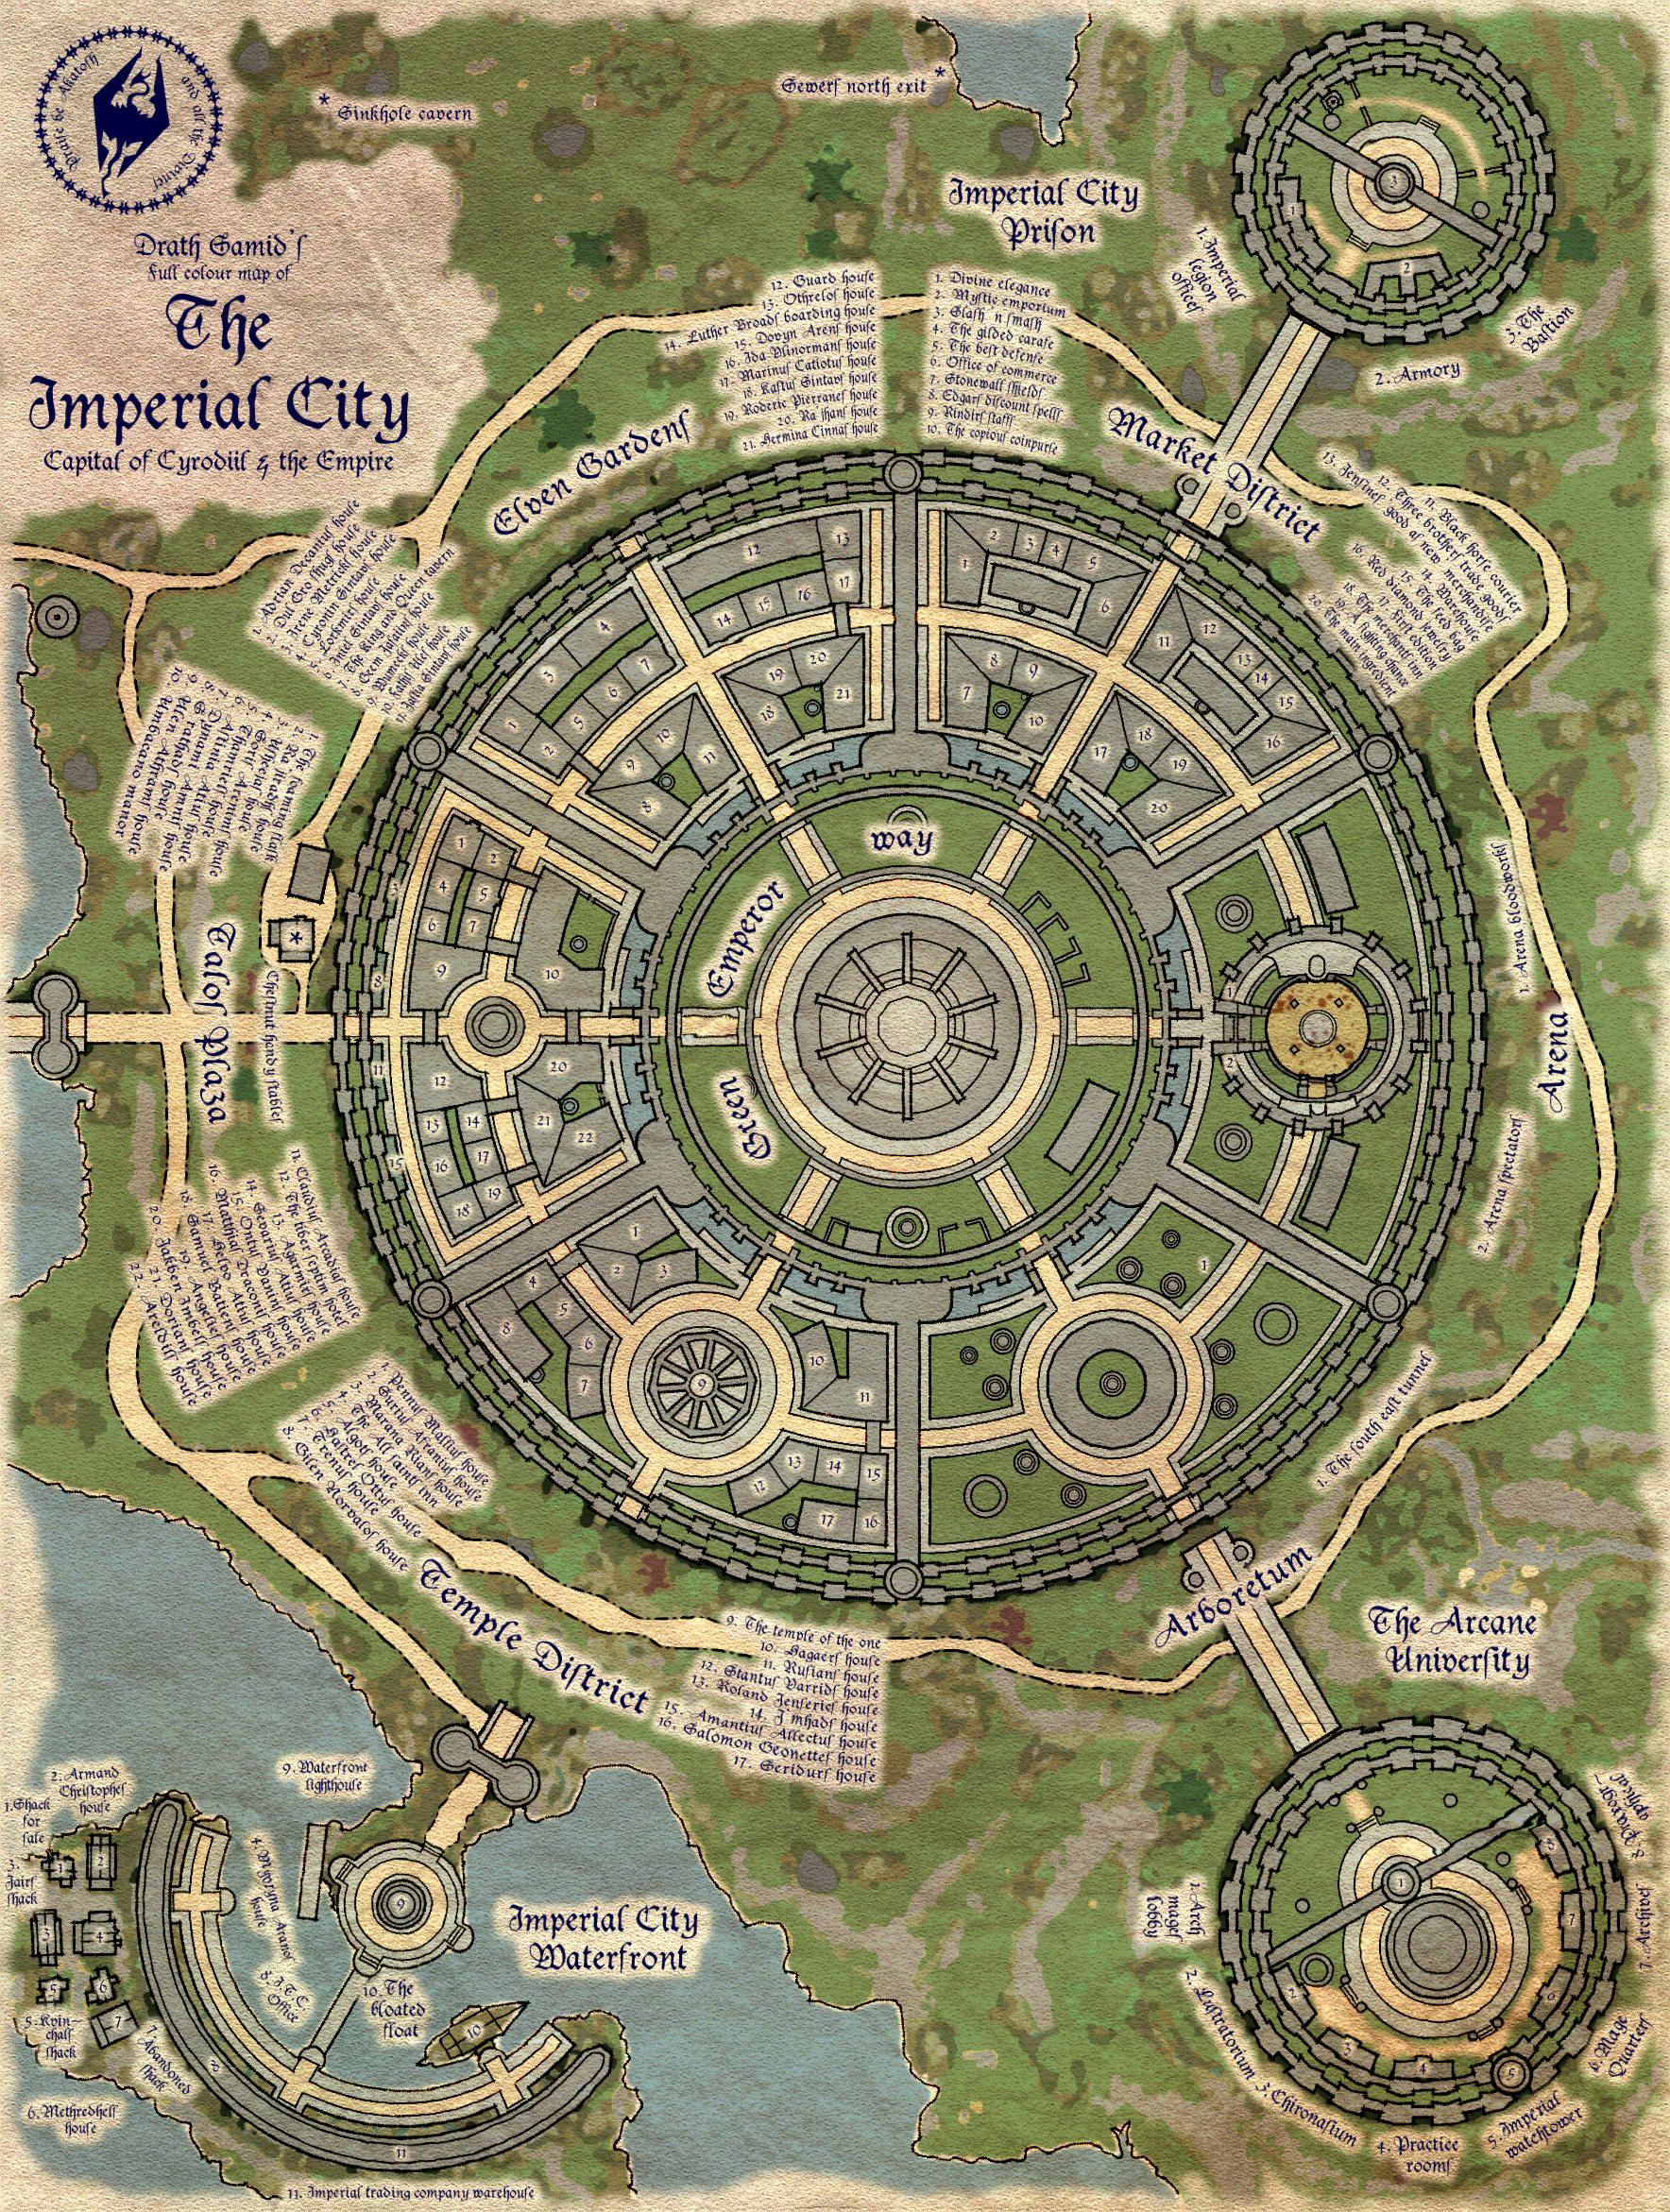 Final Fantasy 15 Map : final, fantasy, T.E.S., Imperial, SamOfSuthSax, DeviantArt, Fantasy